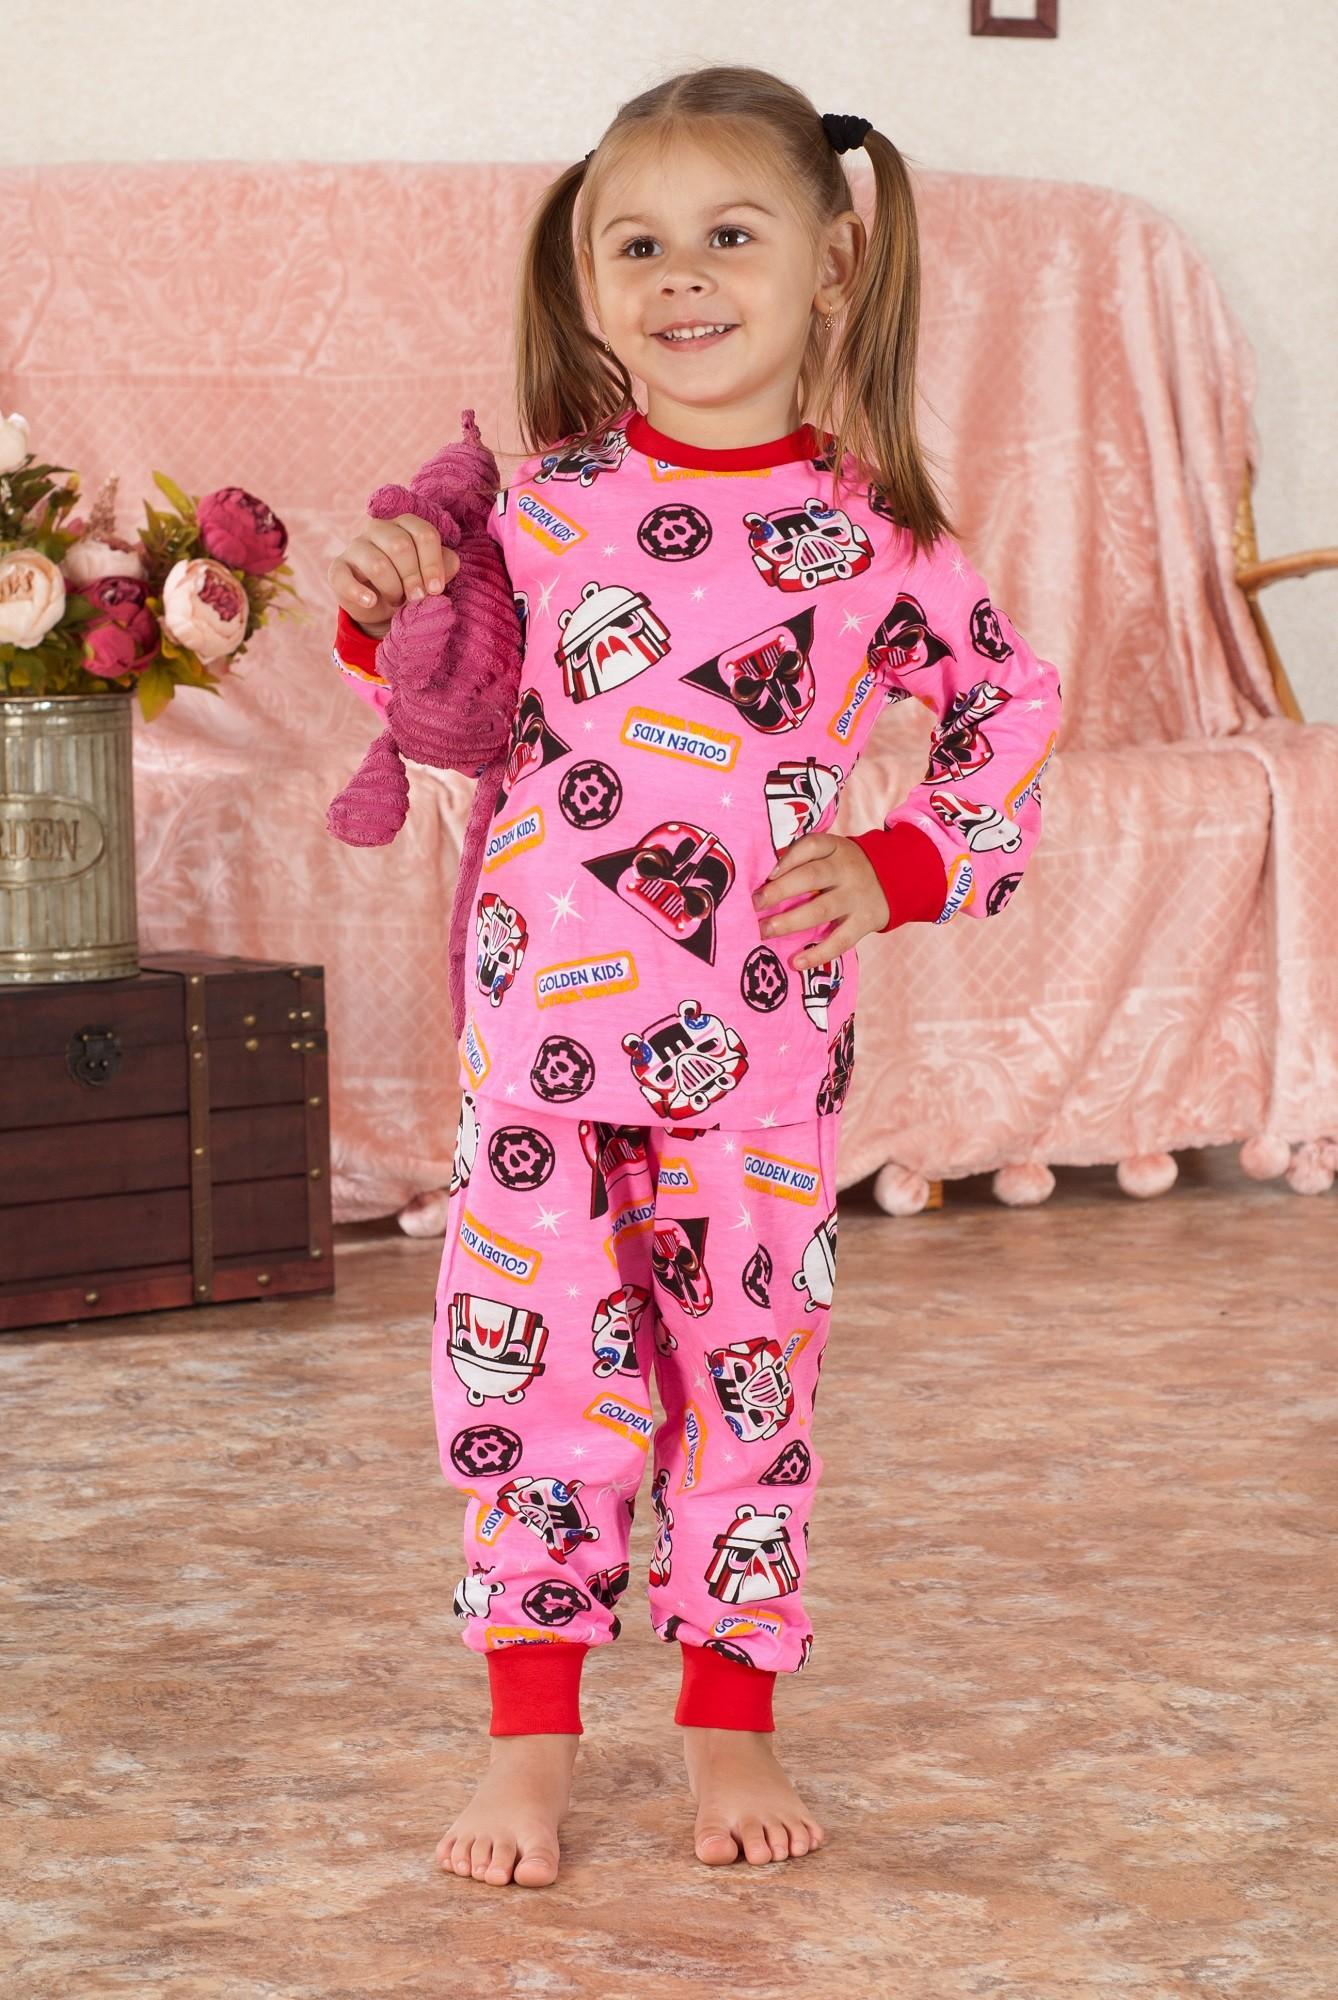 Купить детский трикотаж Пижама дет (кулирка) от производителя г. Иваново  АРТ-ЕЛ розницу в интернет-магазине Like-Teks.Ru 686cfafedc7